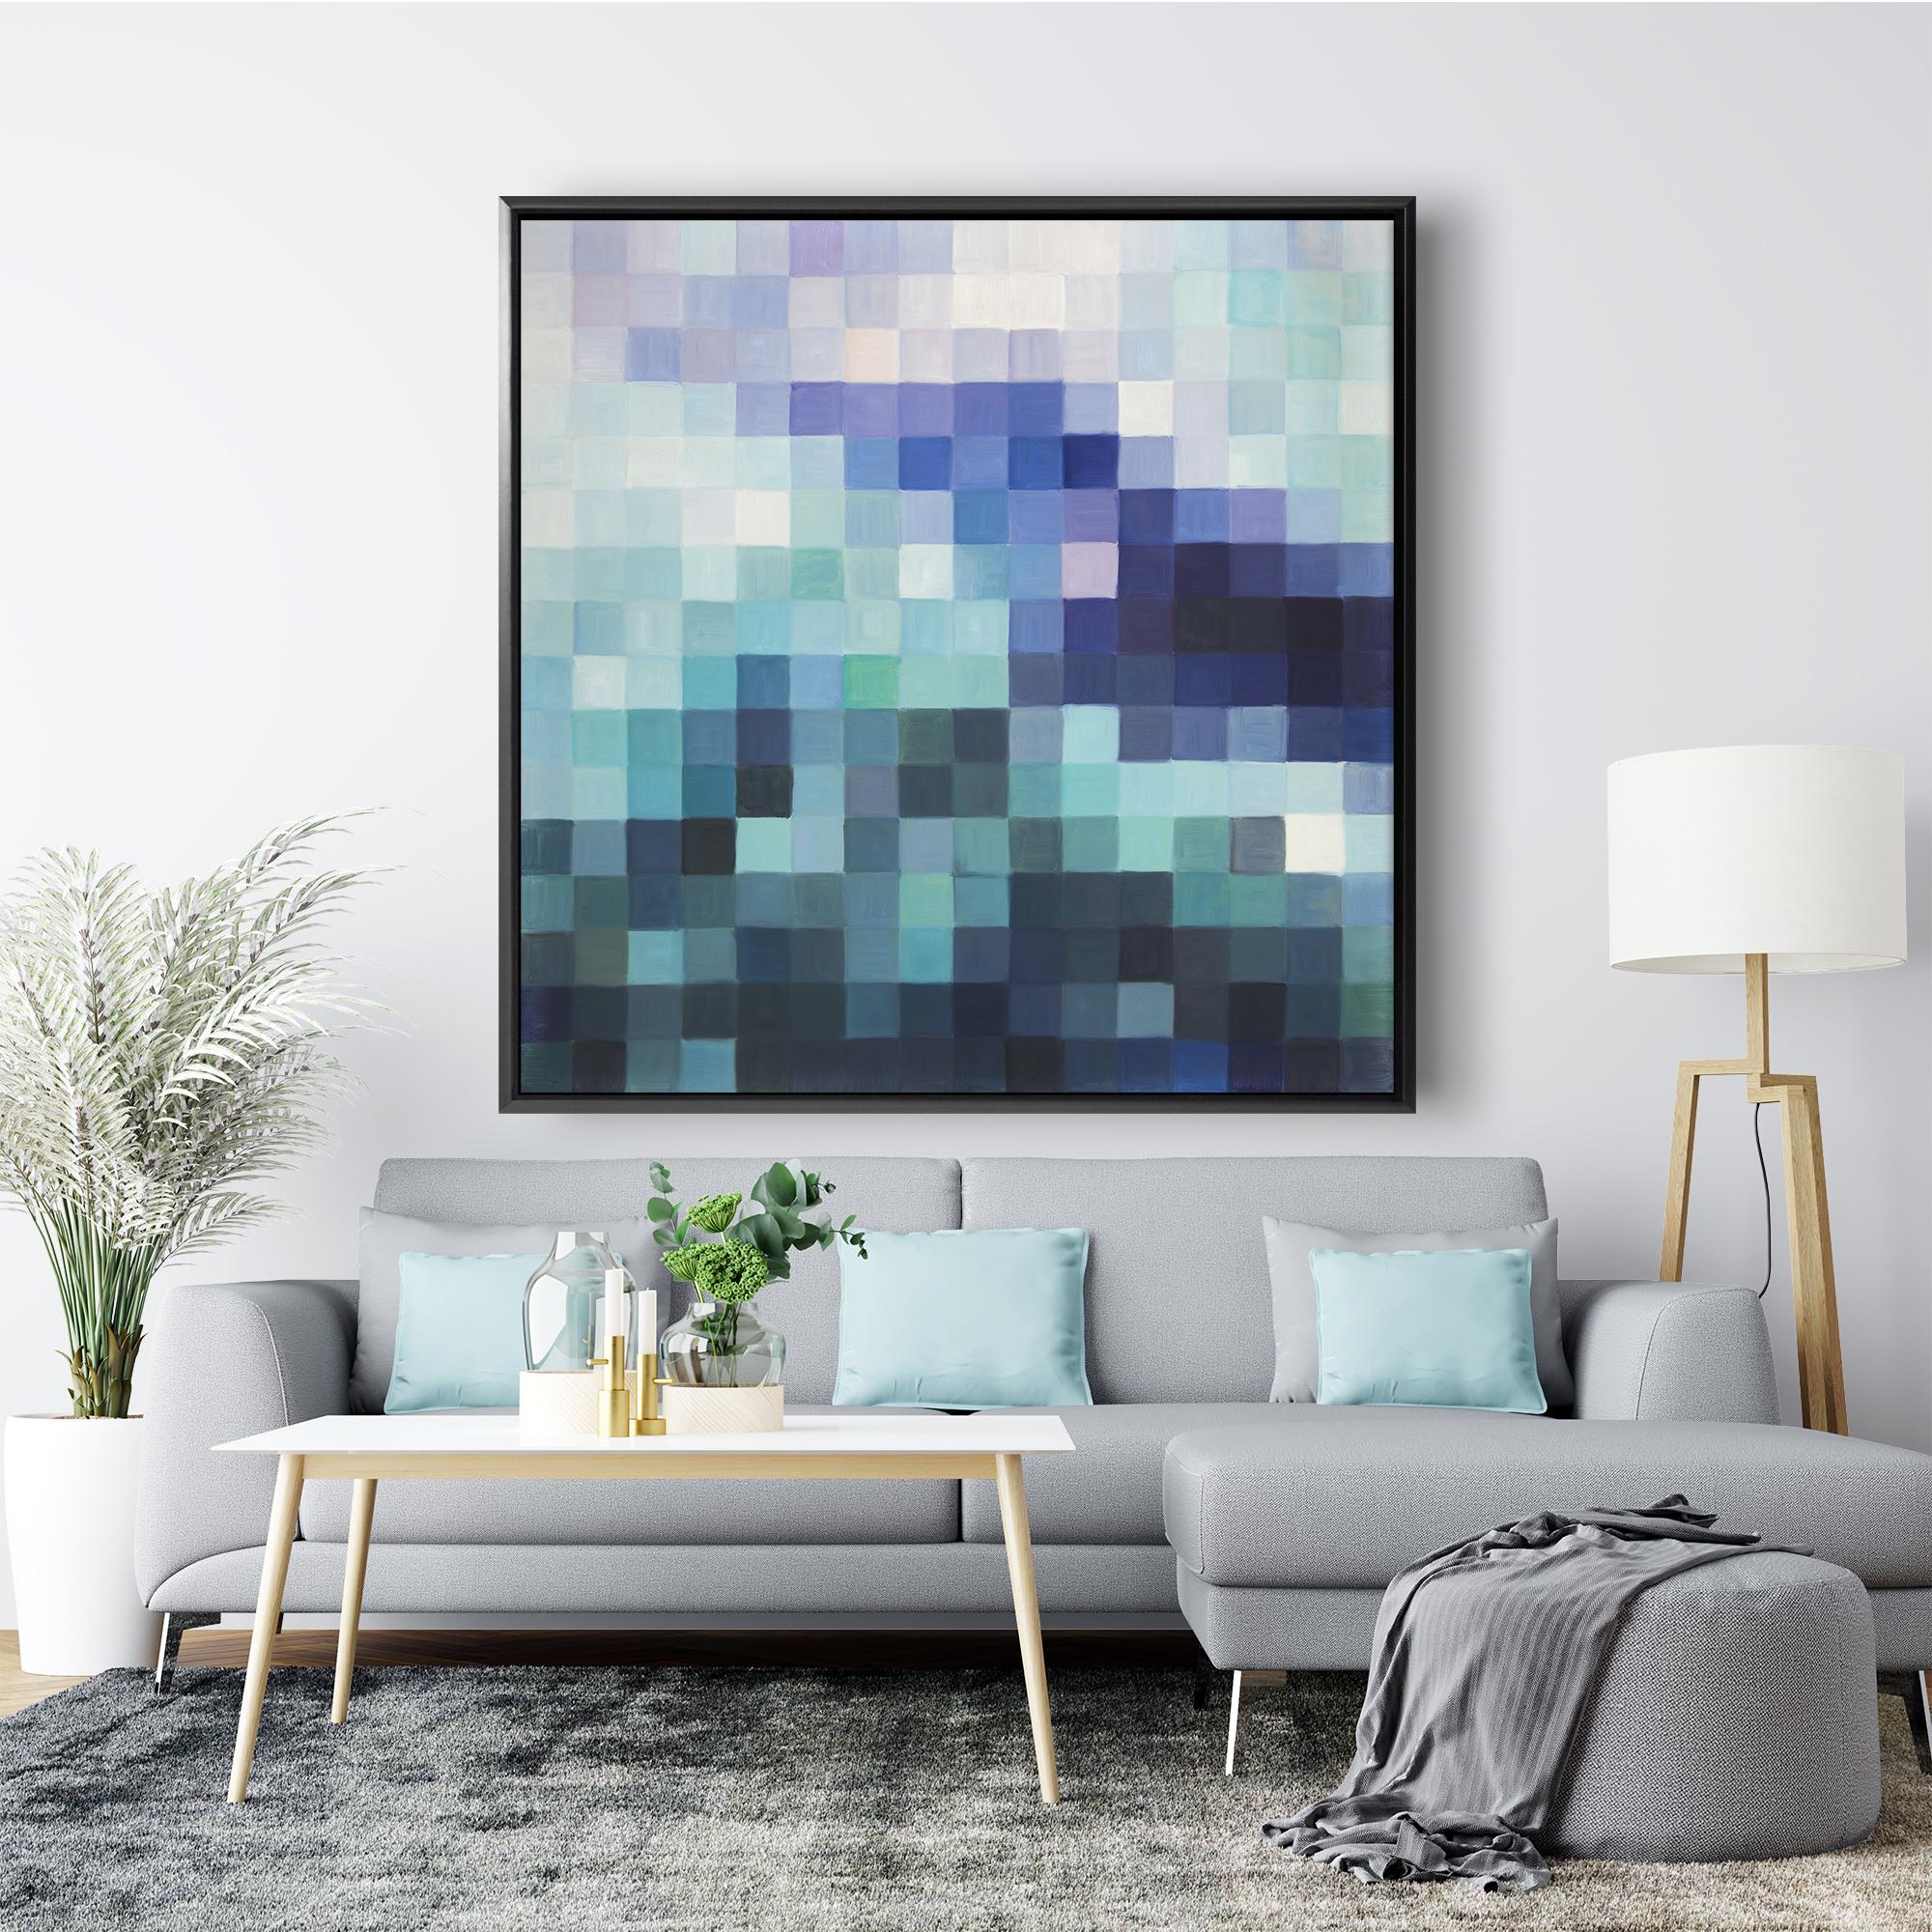 Pixelized landscape